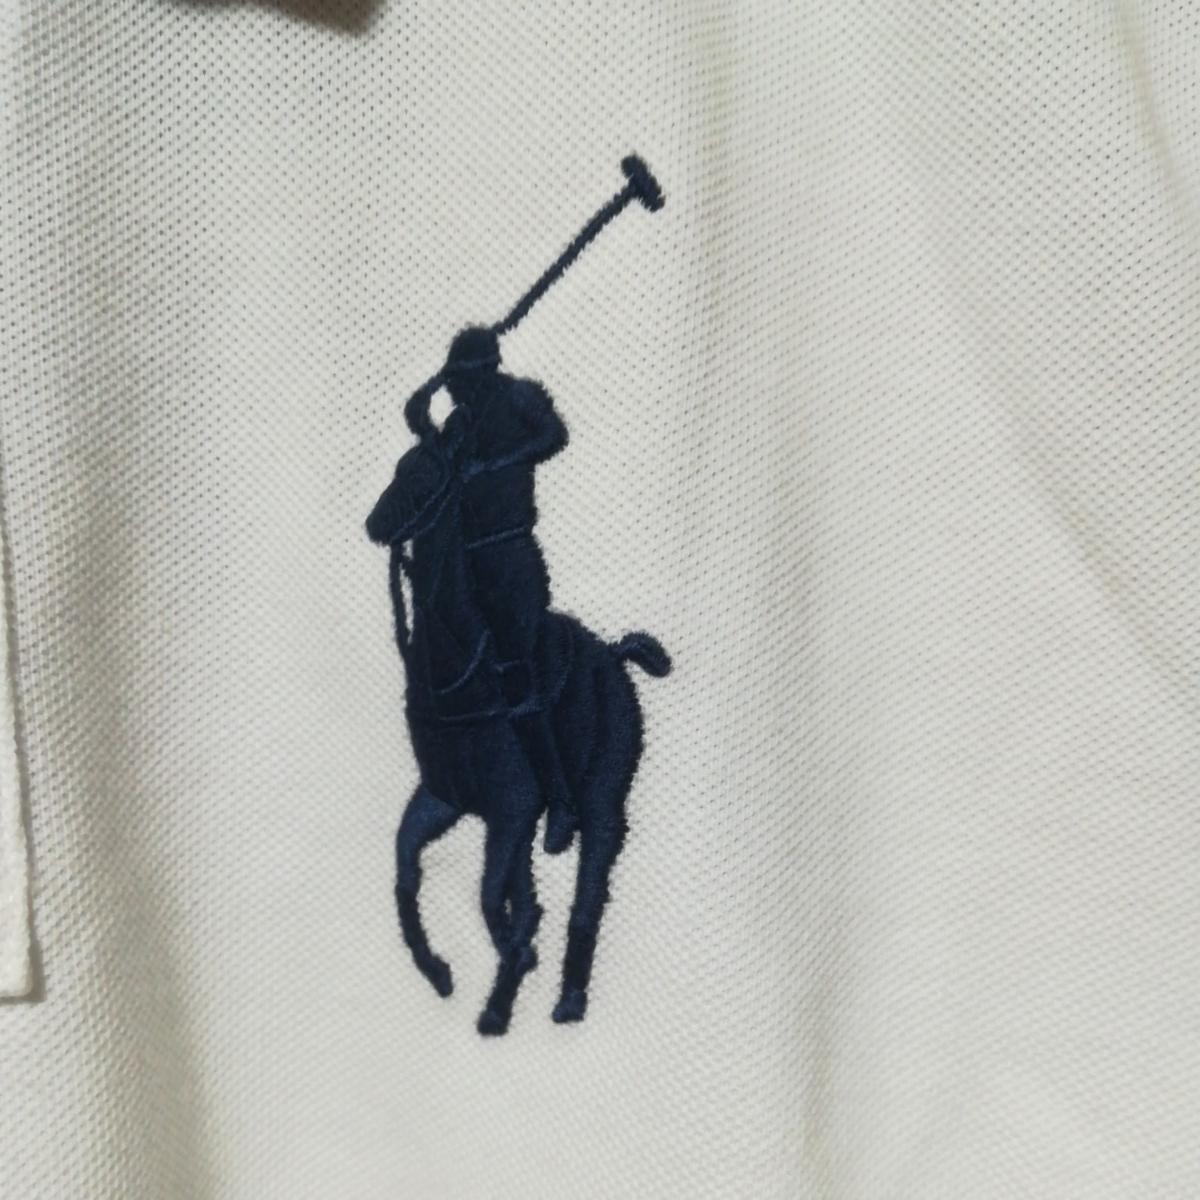 ラルフローレン ポロ レディース クラシックフィット ビッグポニー ポロシャツ XSサイズ_画像2